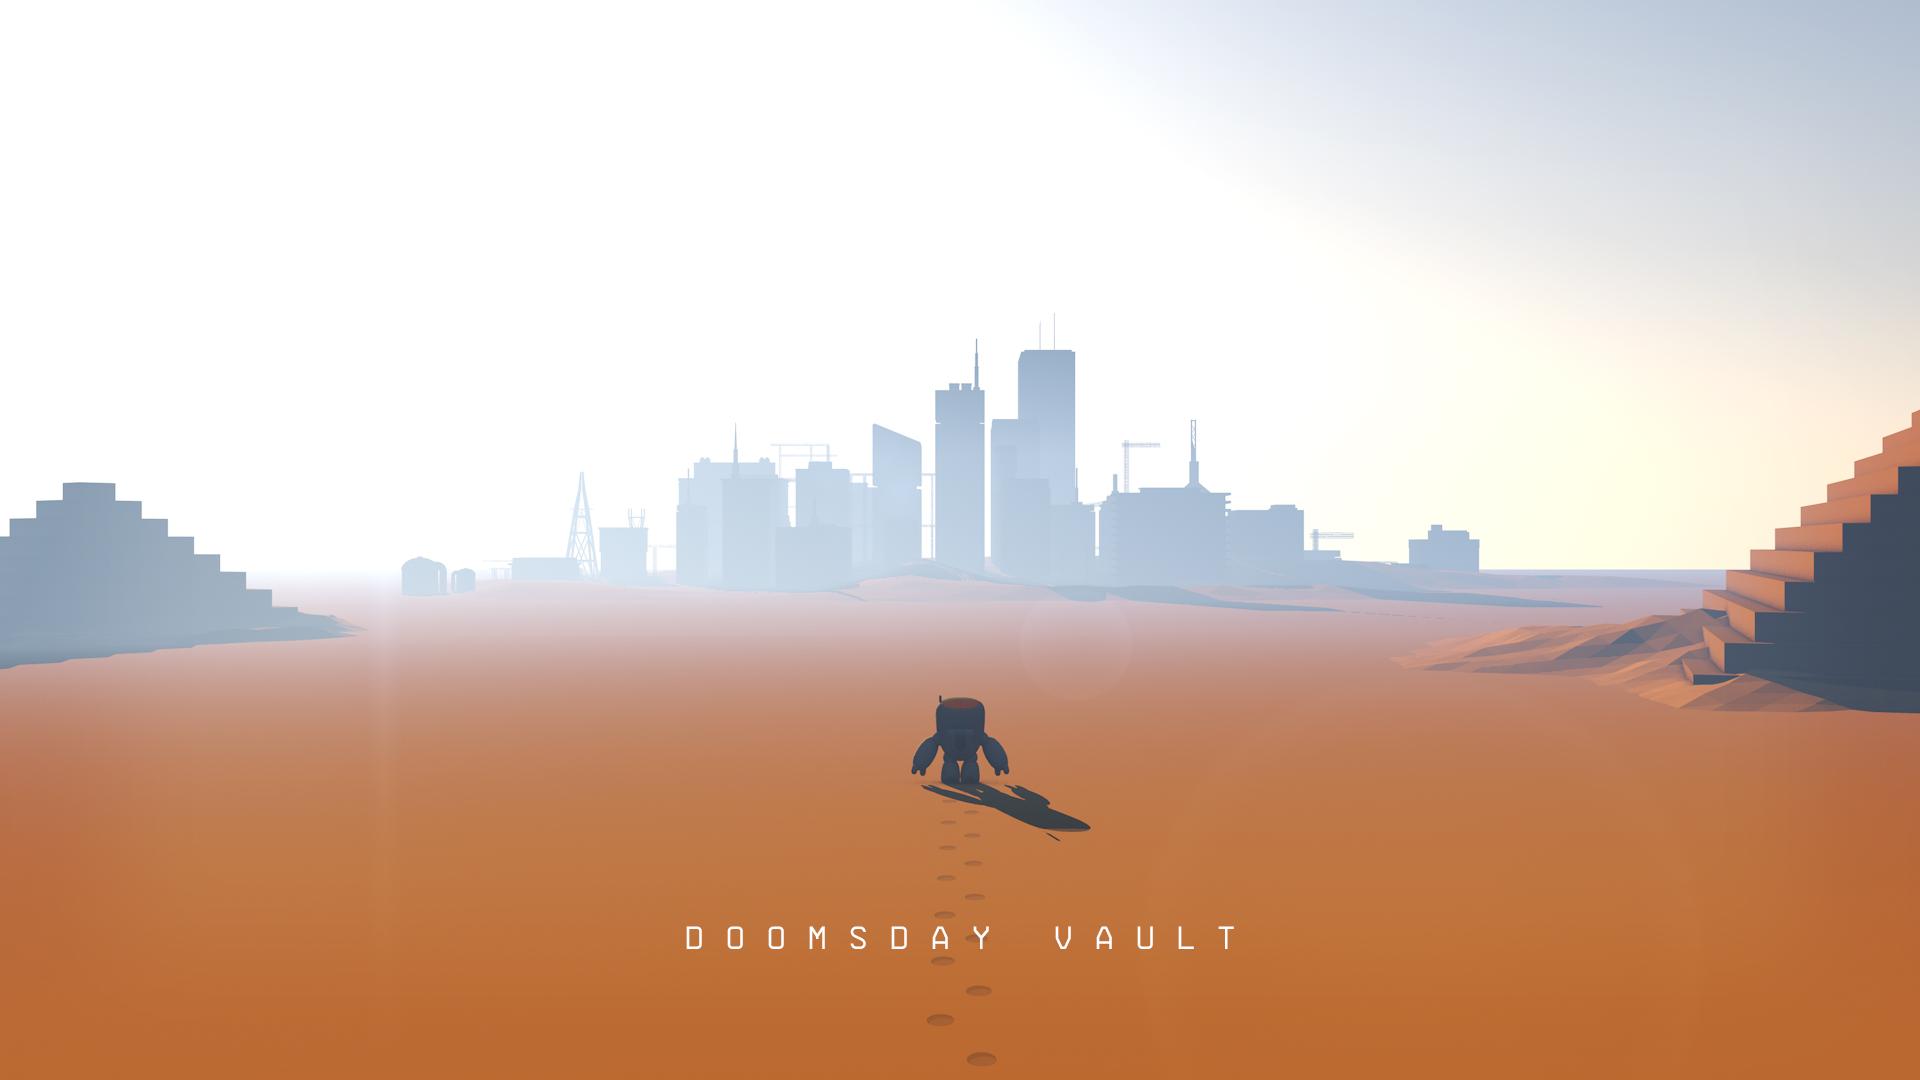 Apple Arcade adds adventure game 'Doomsday Vault'